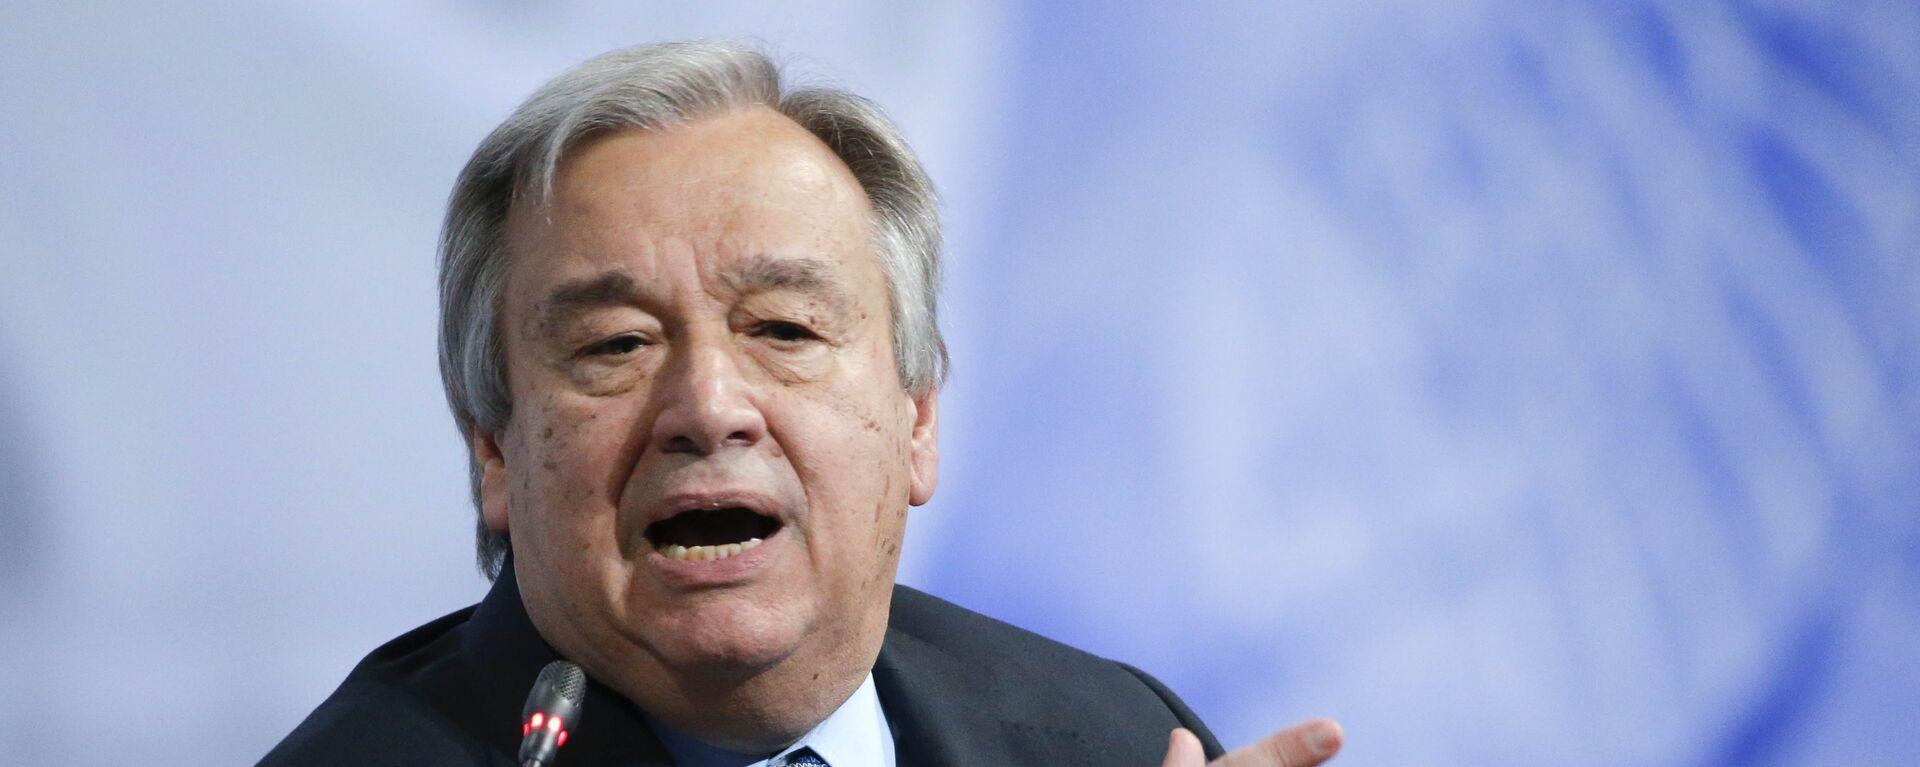 António Guterres, secretario general de la ONU - Sputnik Mundo, 1920, 04.08.2020